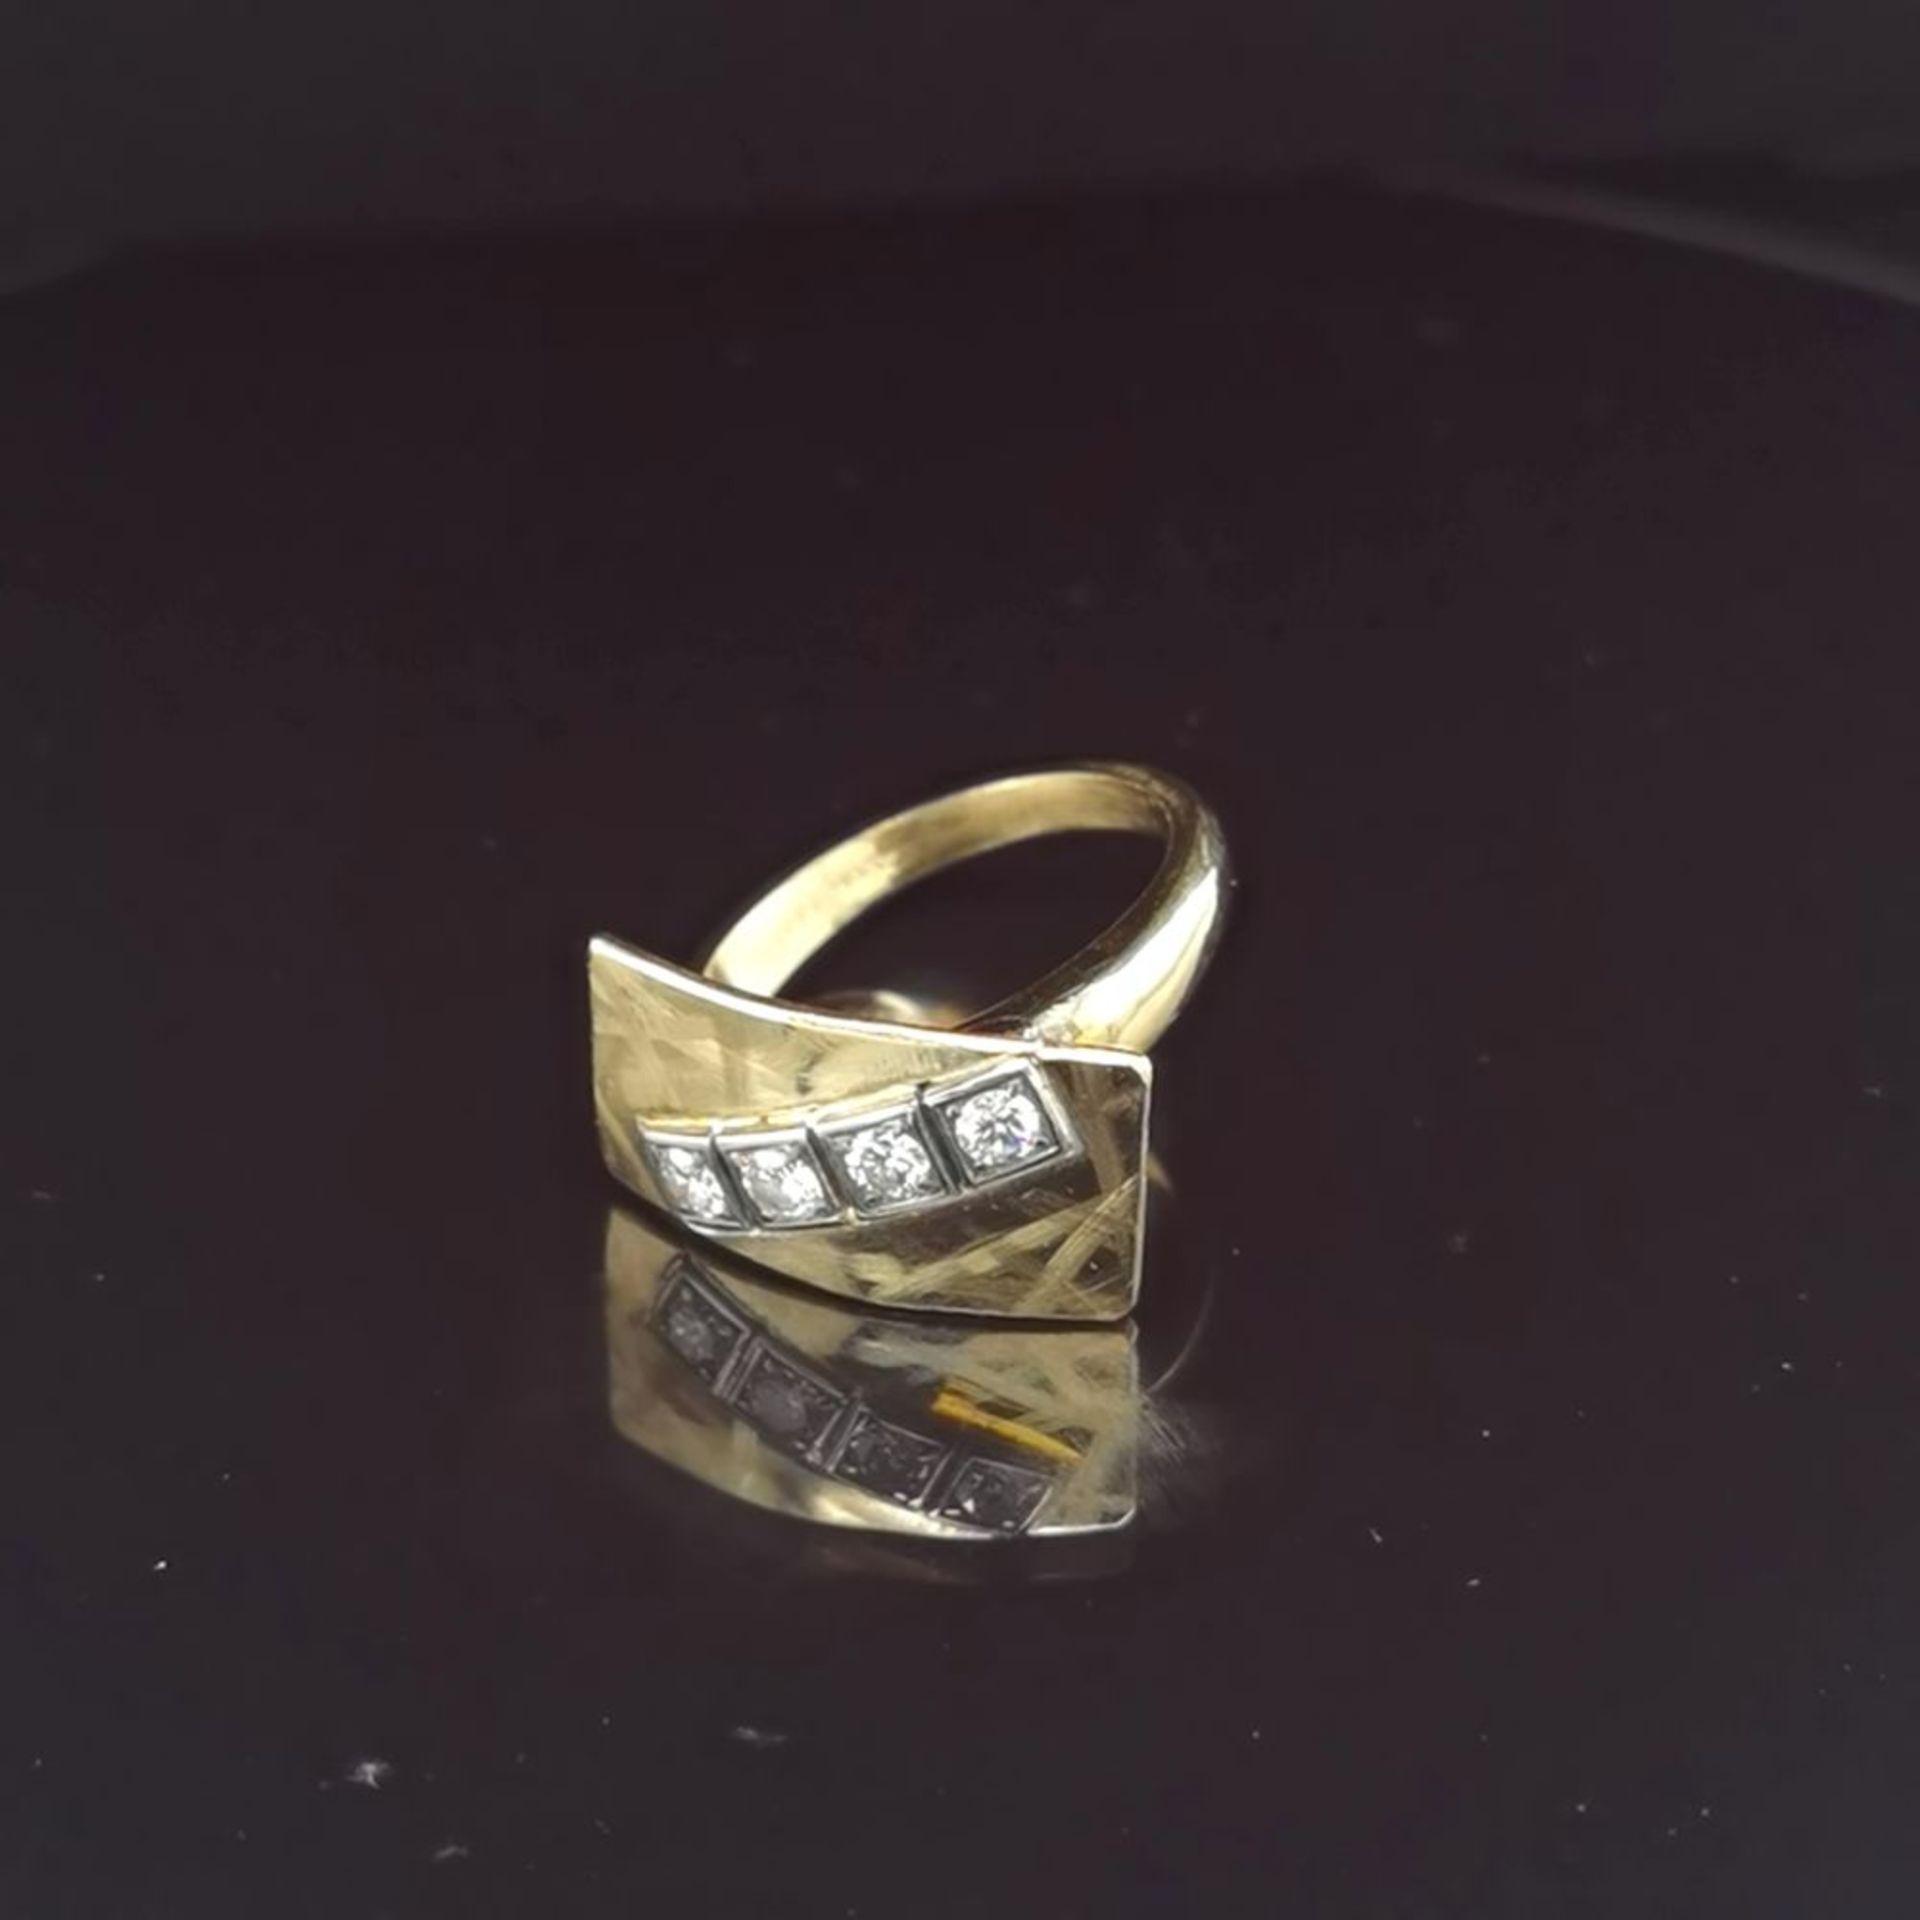 Brillant-Ring, 585 Gelbgold 7,18